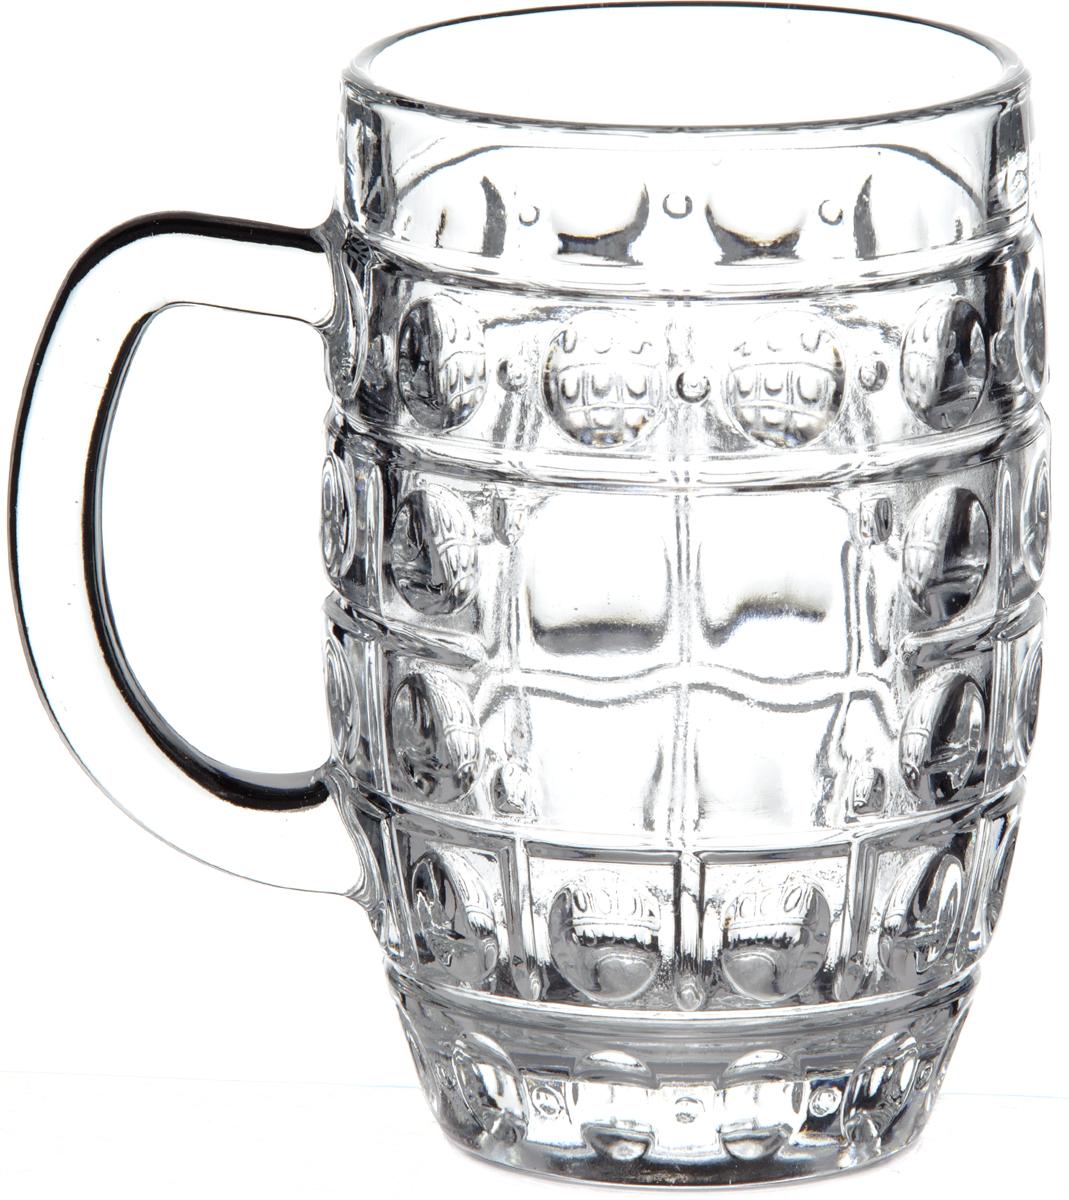 Набор кружек для пива Pasabahce Pub, 520 мл, 2 шт55279BНабор Pasabahce Pub состоит из двух кружек, выполненных из прочного натрий-кальций-силикатного стекла. Кружки оснащены ручками и прекрасно подходят для подачи пива. Функциональность, практичность и стильный дизайн сделают набор прекрасным дополнением к вашей коллекции посуды.